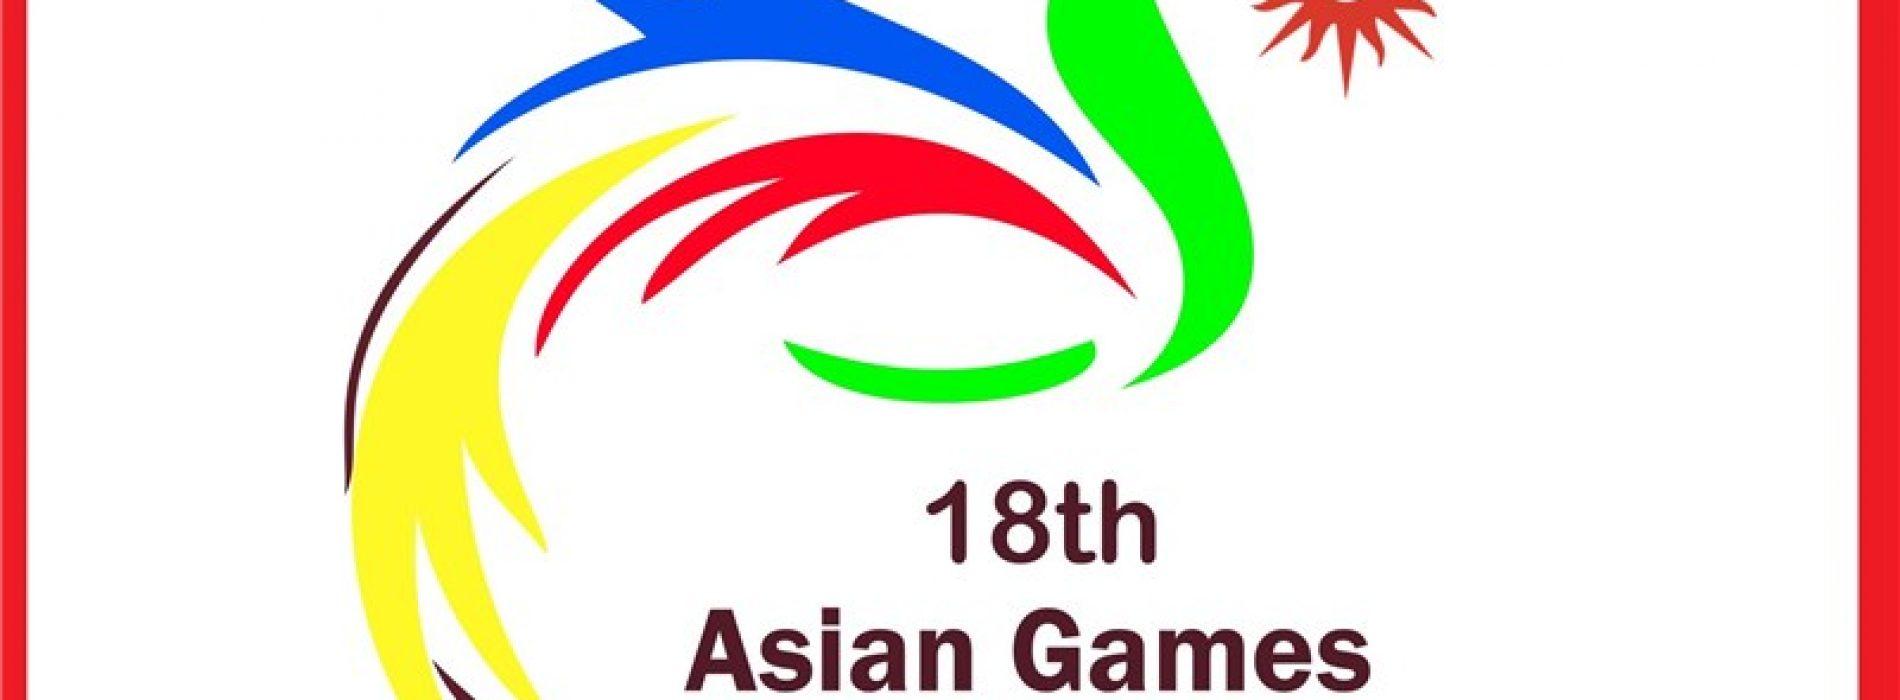 دعوت شدگان به مرحله نخست اردوهای بازیهای آسیایی